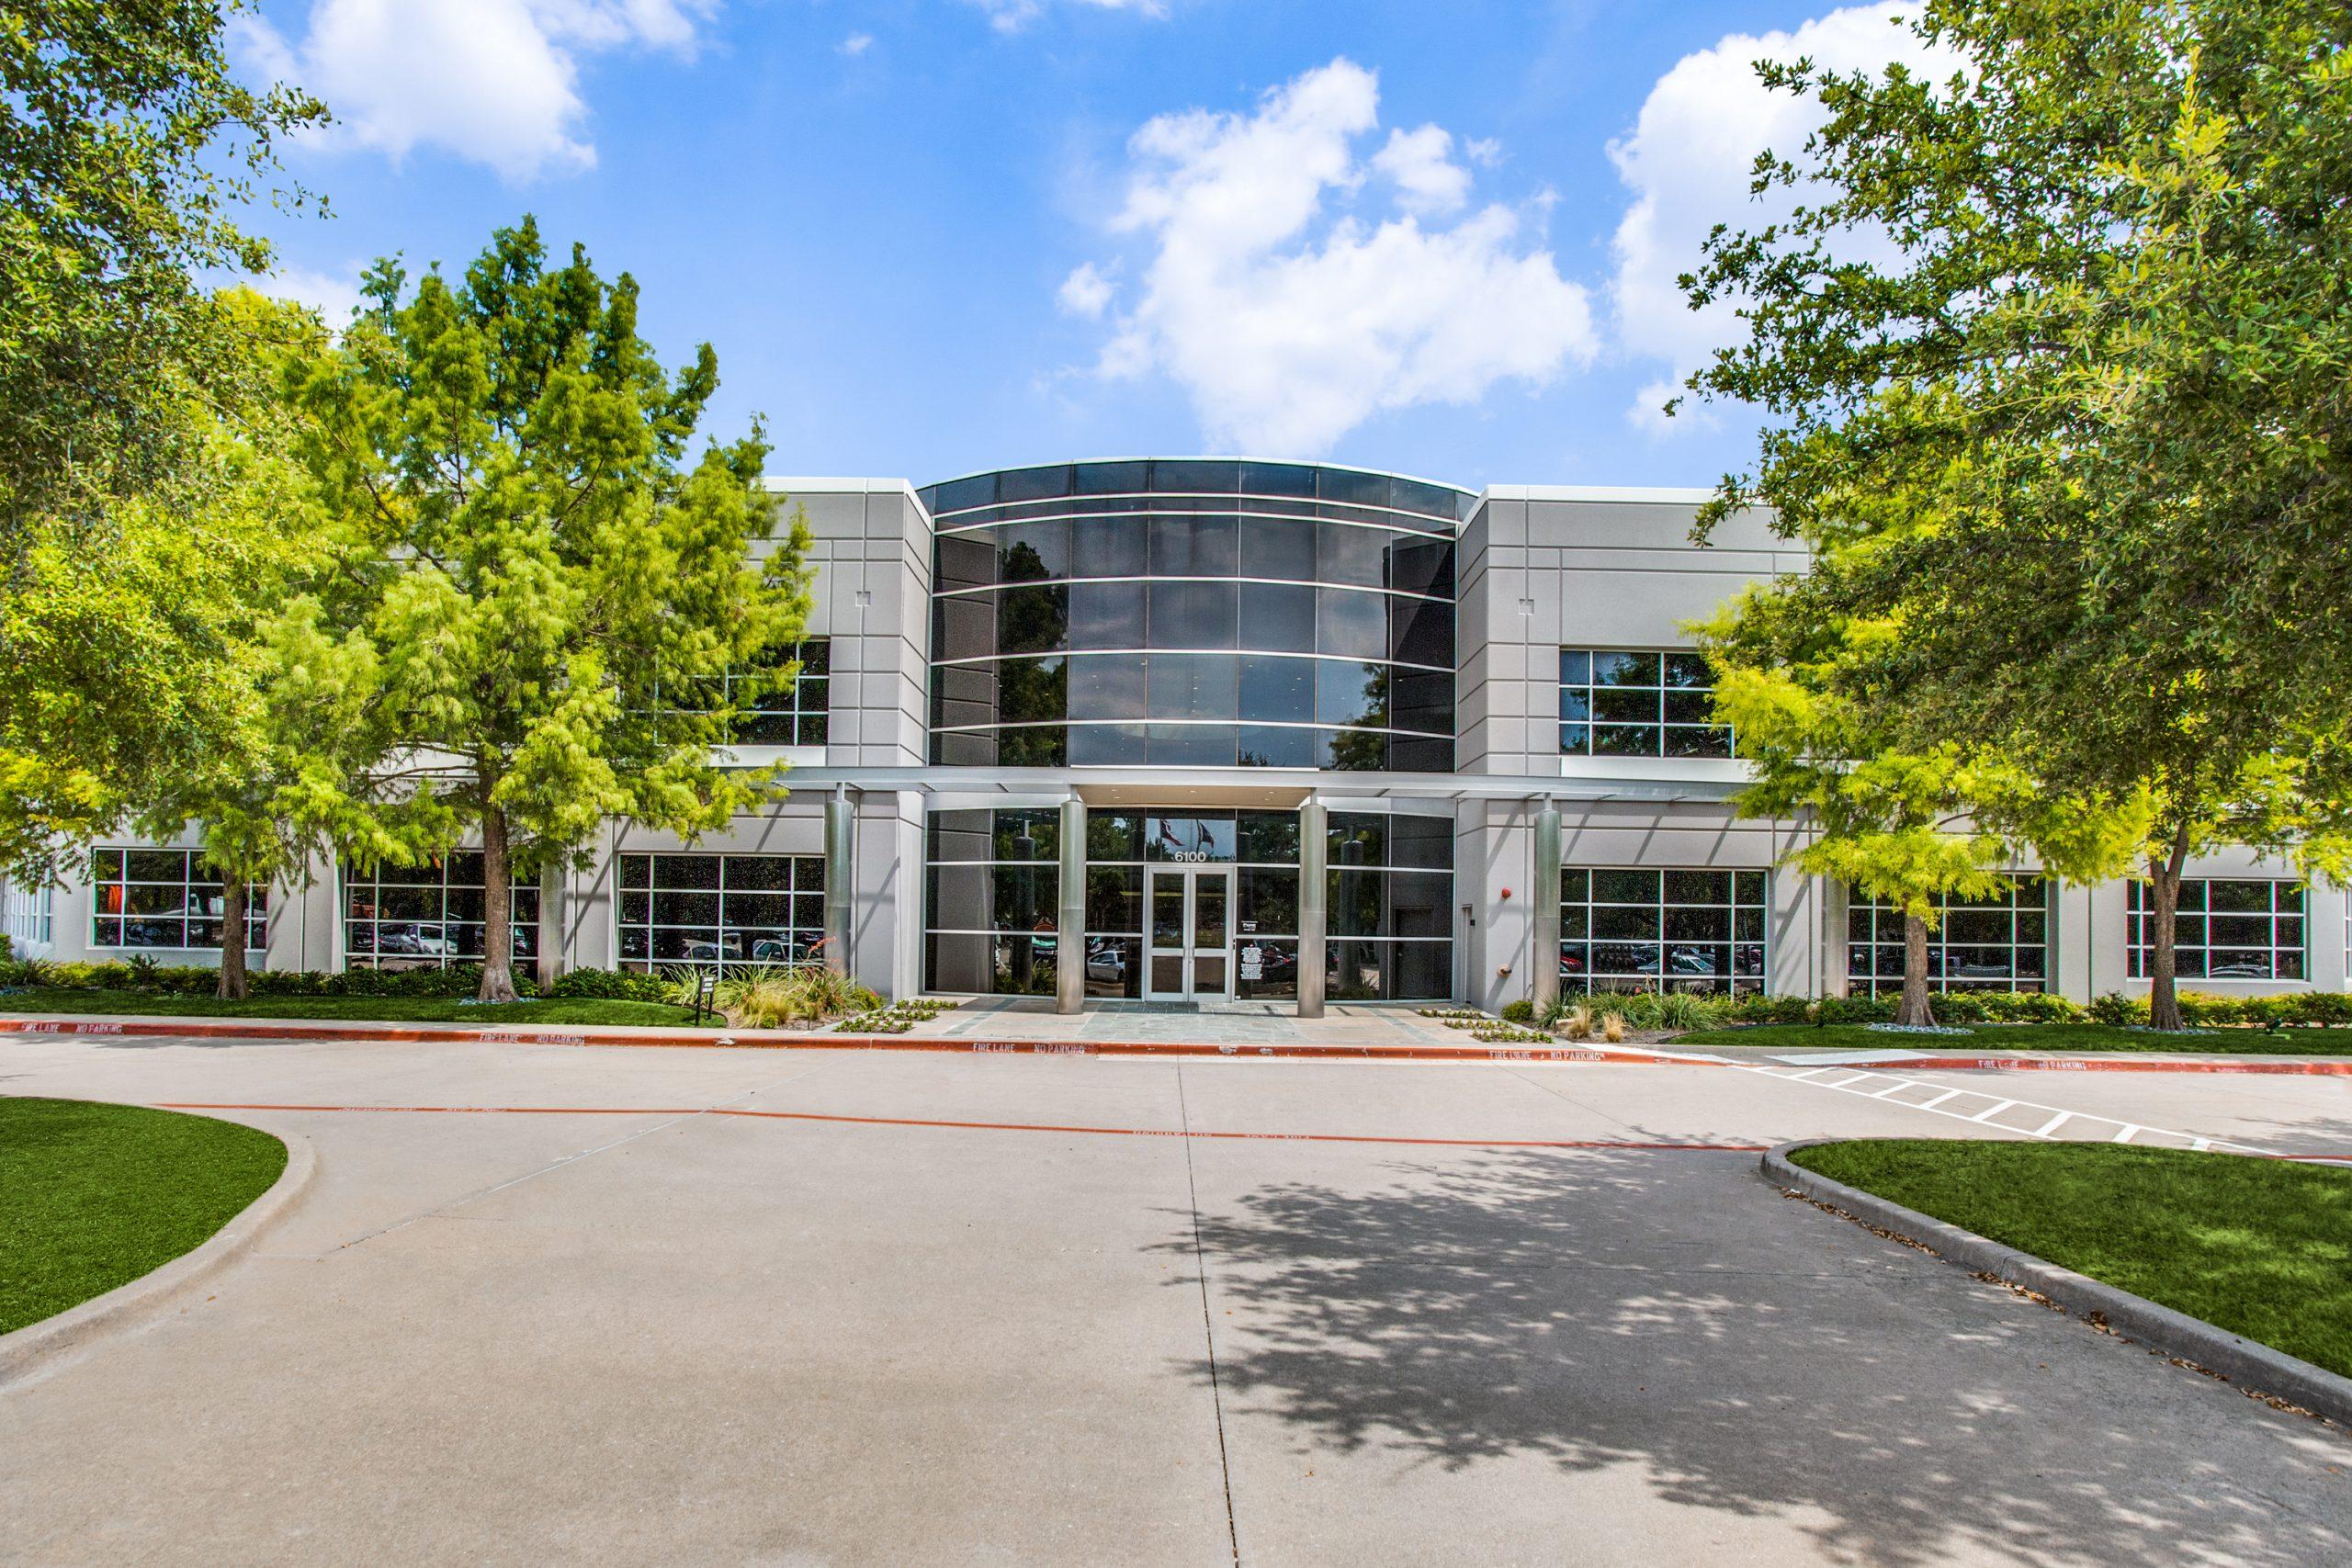 6100 Building Photo